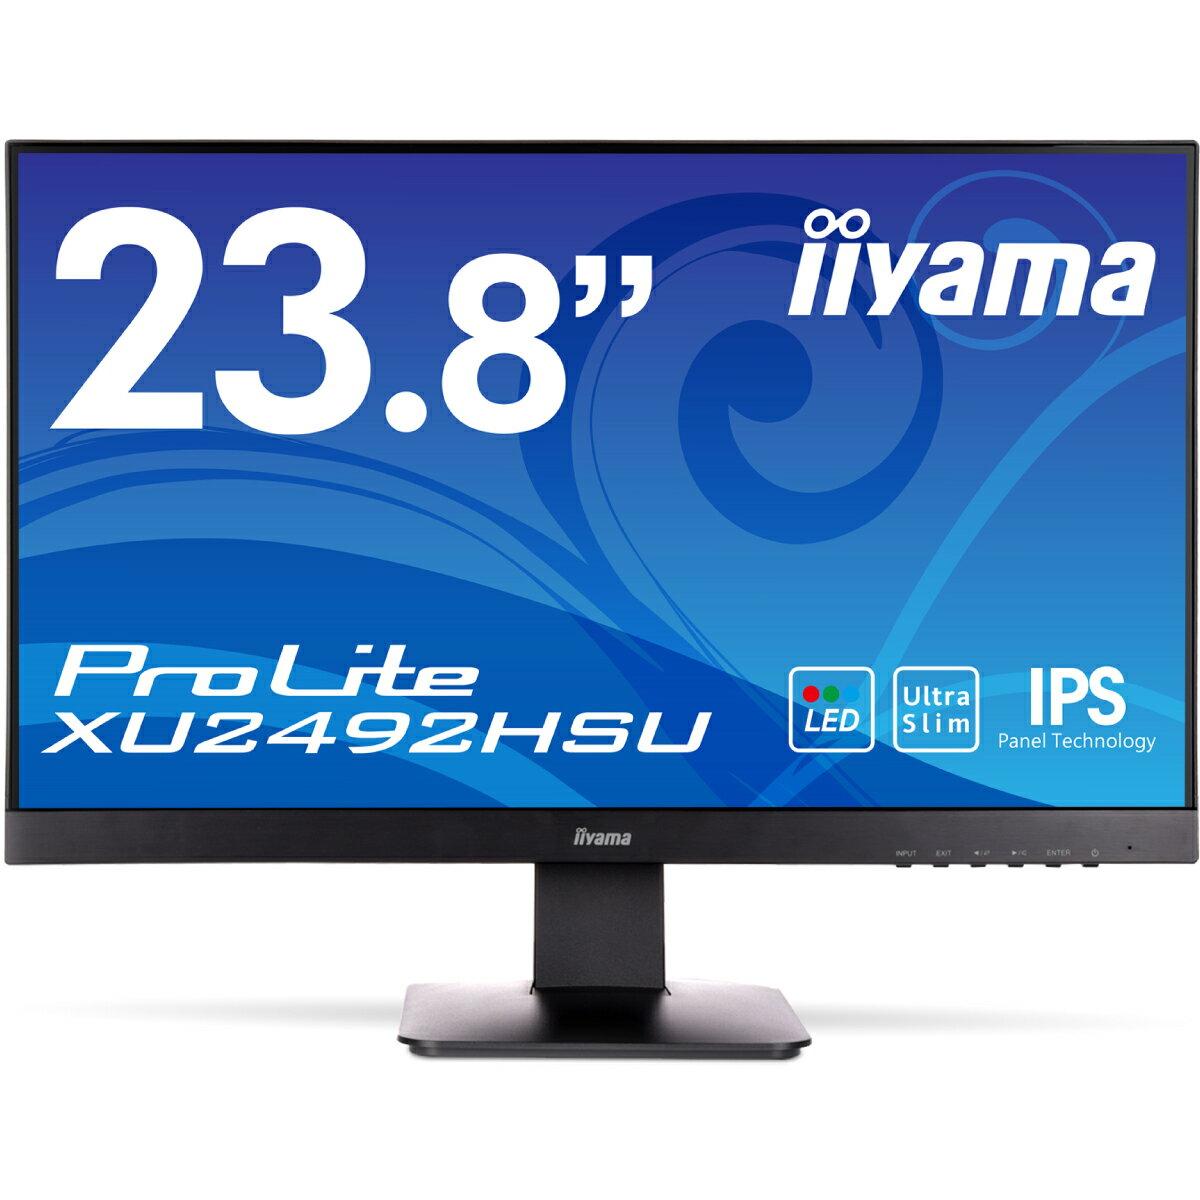 【送料無料】【新品】iiyama 23.8インチ フルHD IPS液晶モニター ノングレア(非光沢) ワイド液晶ディスプレイ 狭ベゼル幅モデル DisplayPort HDMI入力搭載 HDCP対応 USBハブ搭載 23.8型 24インチ 24型 マーベルブラック XU2492HSU-B1 マルチモニターに最適